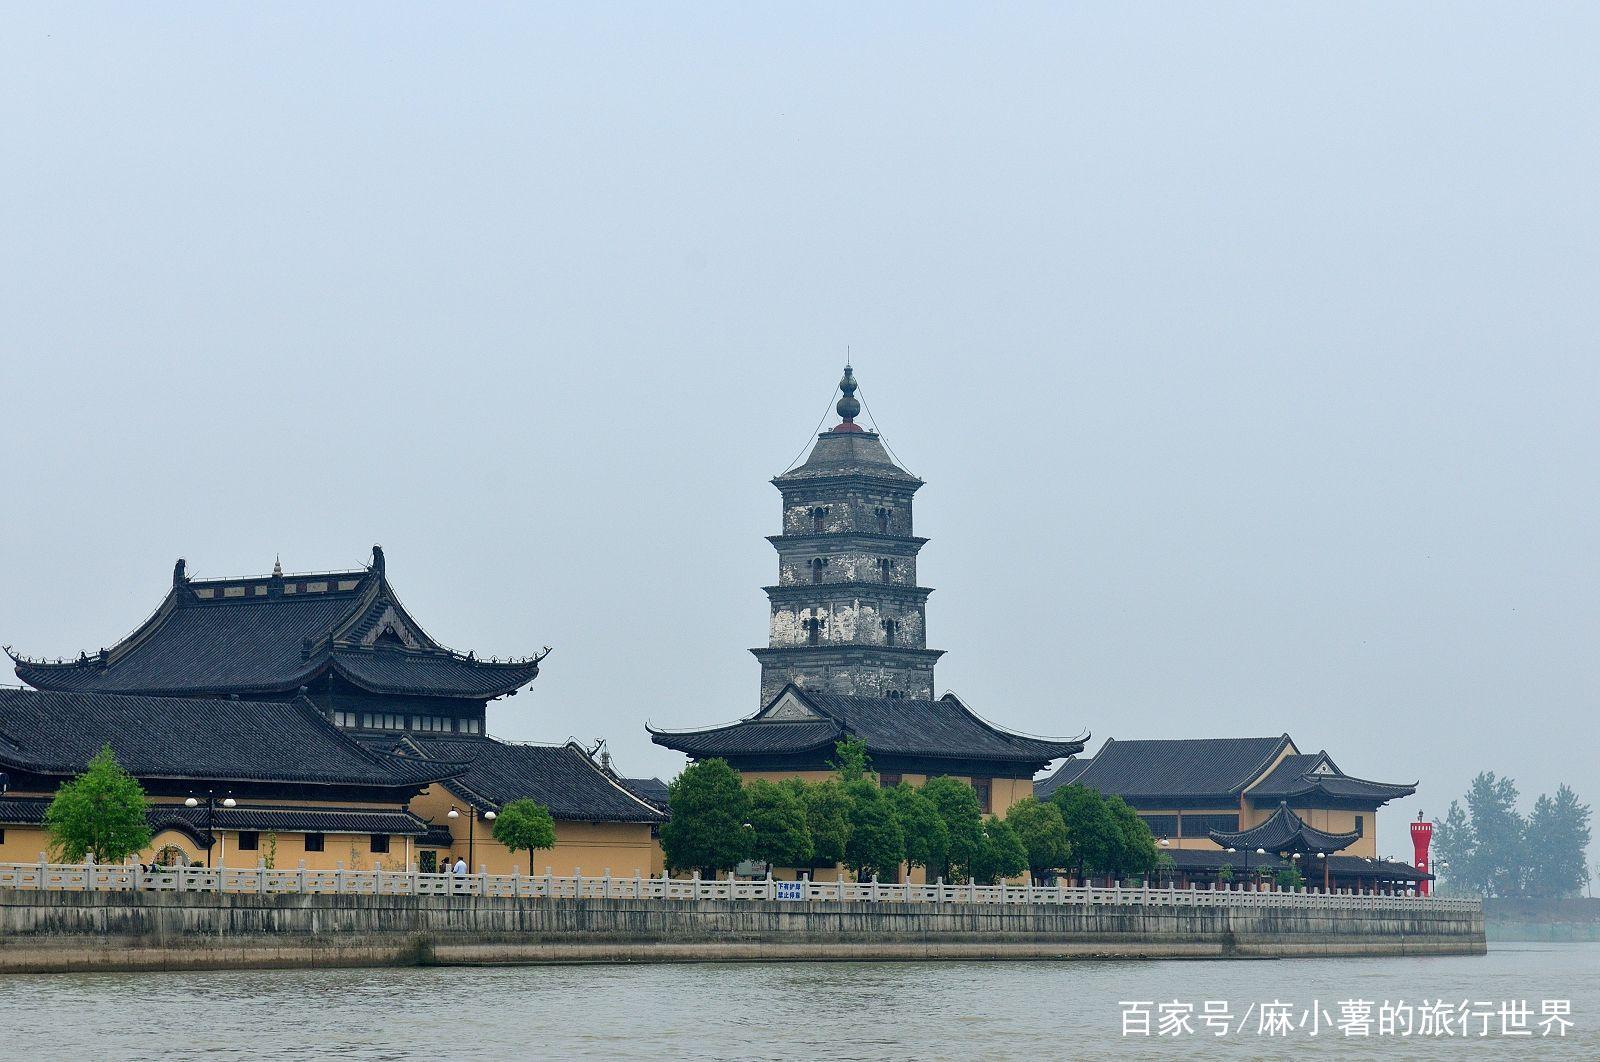 江苏最有排面的寺庙,总理一句话,京杭大运河便为它改道